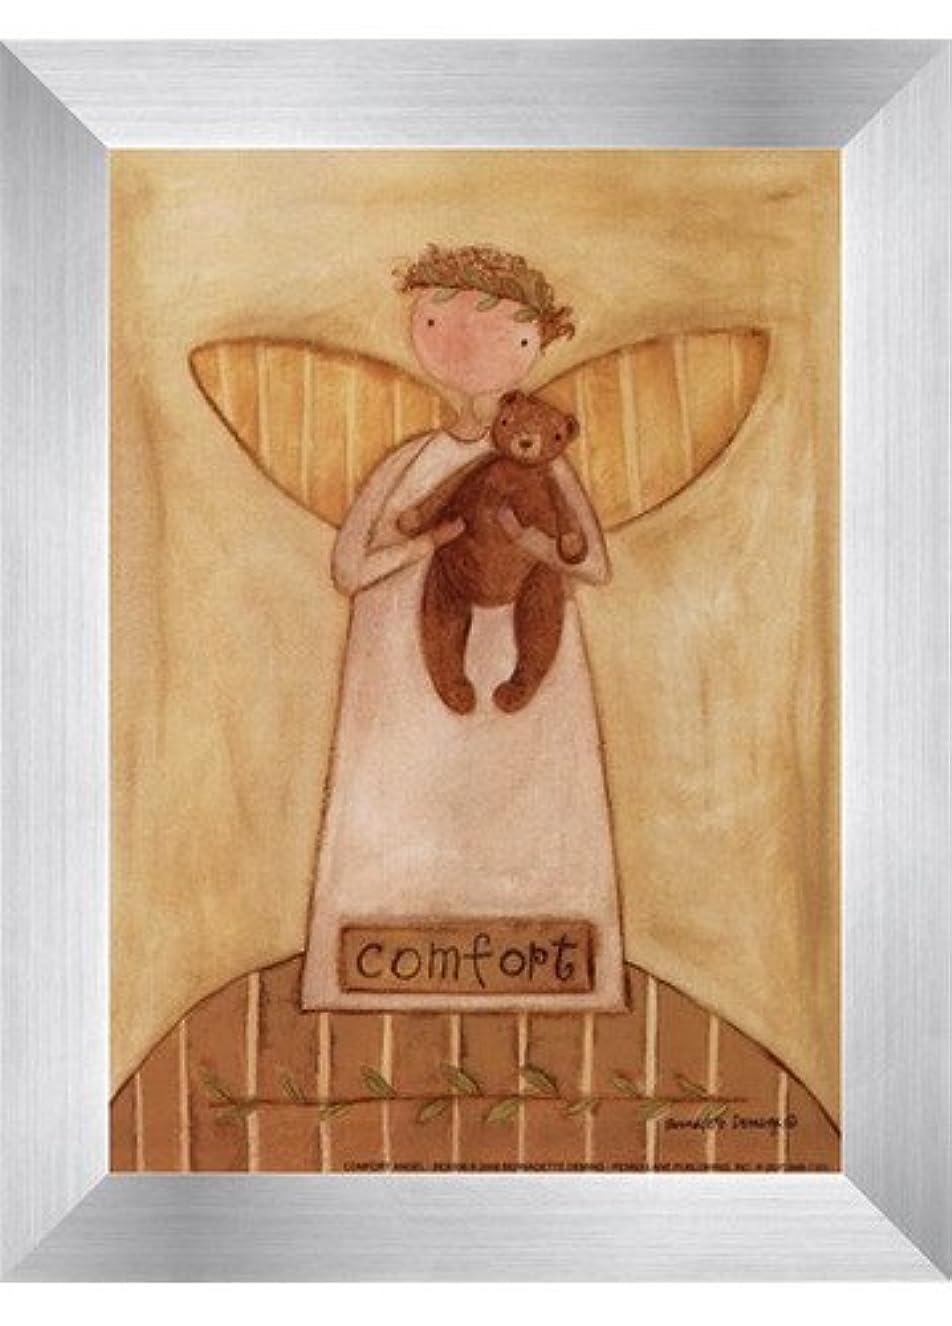 移民山東ティモール快適Angel by Bernadette Deming – 5 x 7インチ – アートプリントポスター LE_613850-F9935-5x7